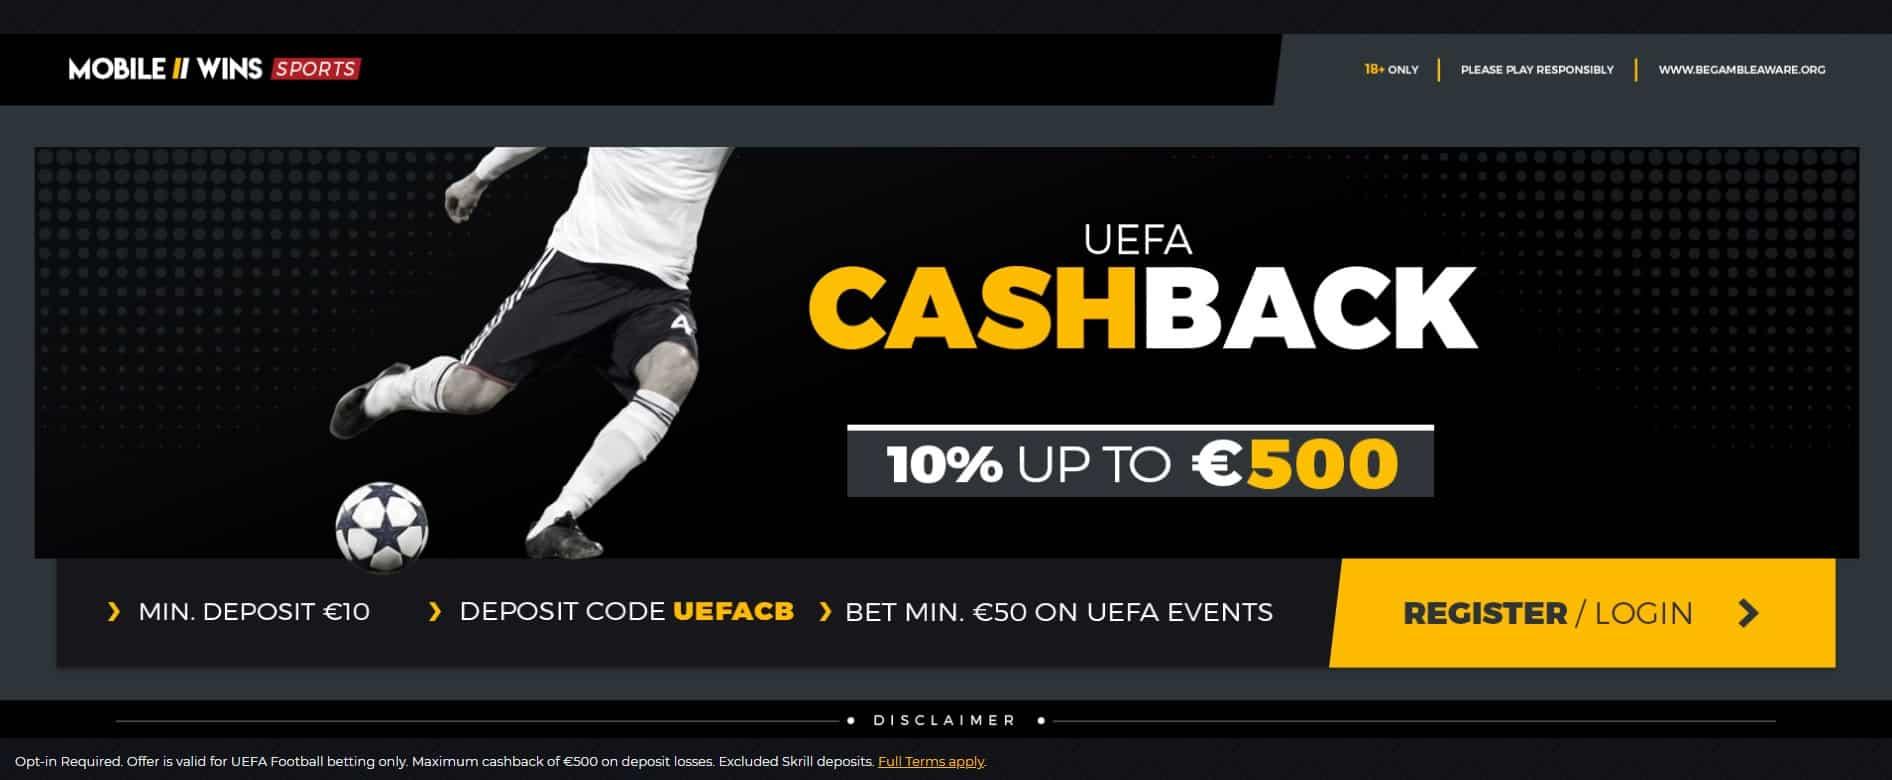 UEFA Cashback at Mobile Wins